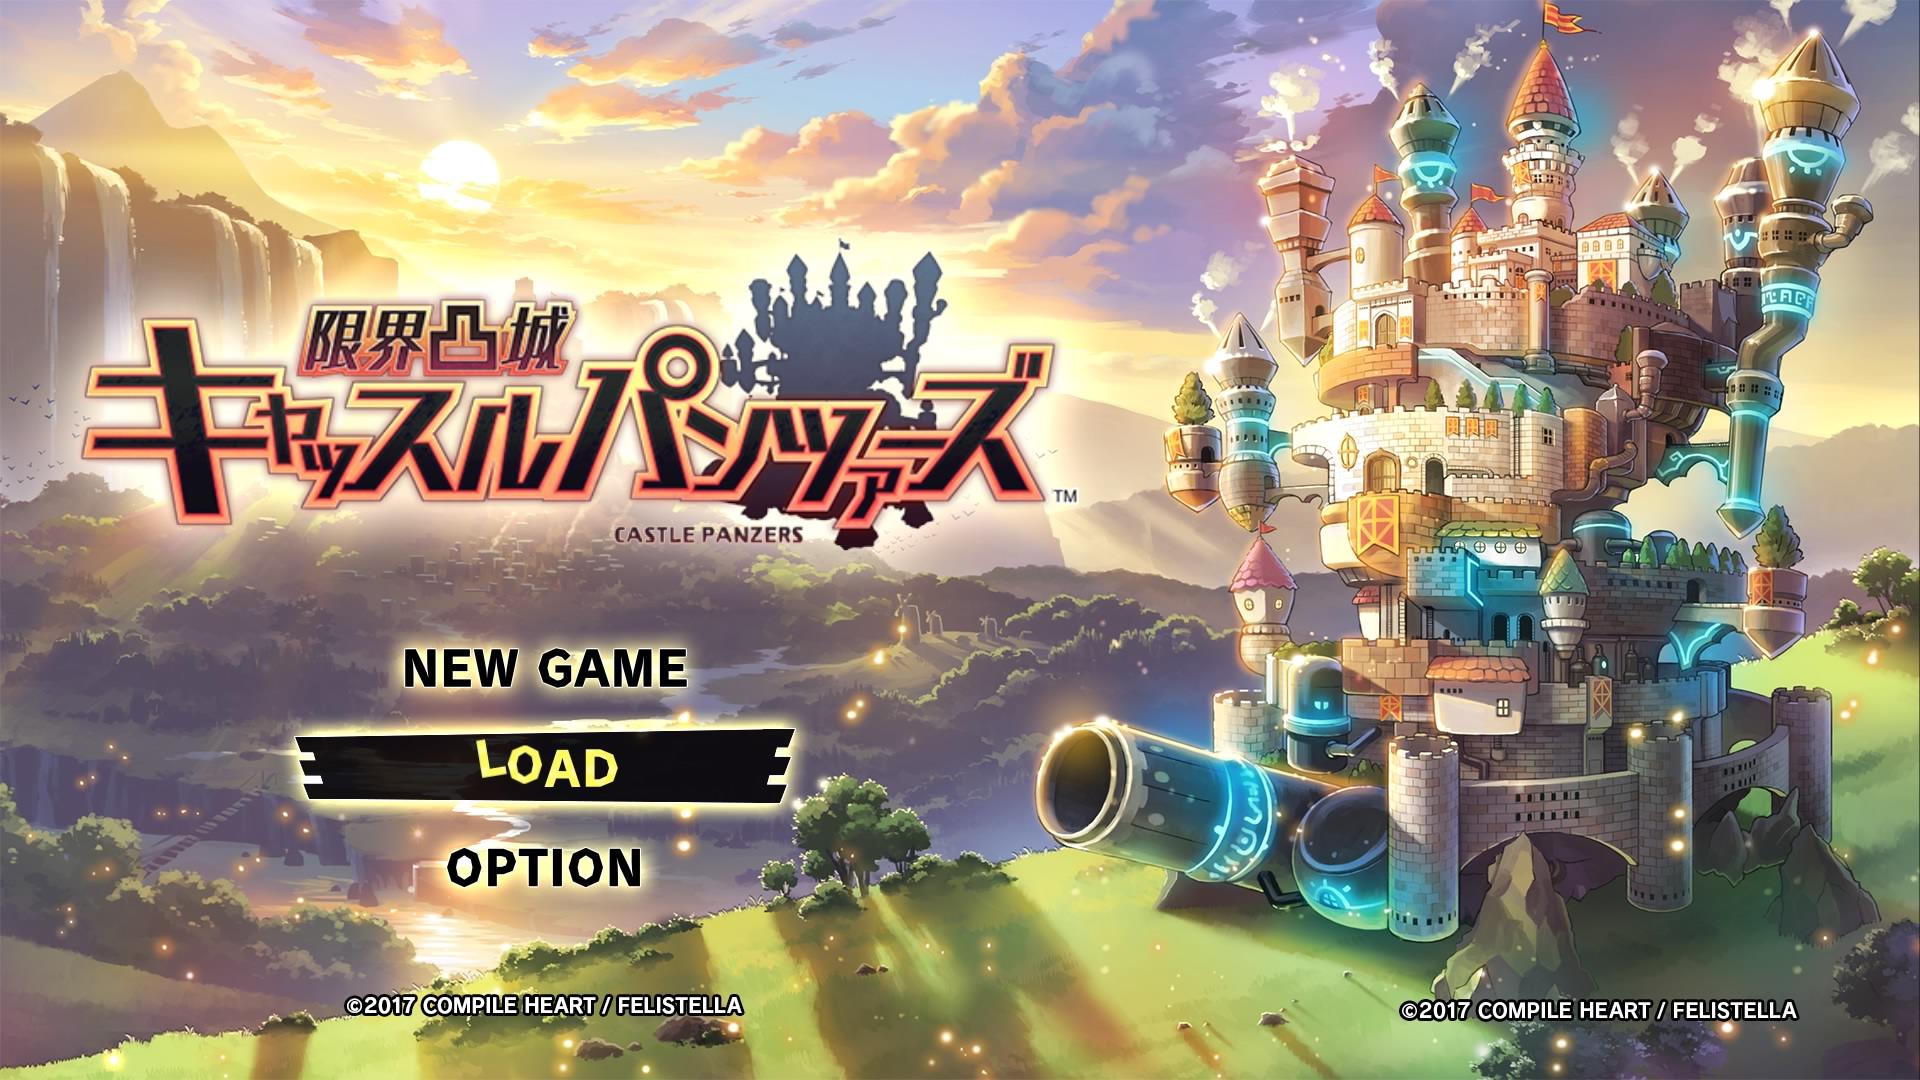 限界凸城キャッスルパンツァーズ(PS4)感想・レビュー ファーストインスピレーション